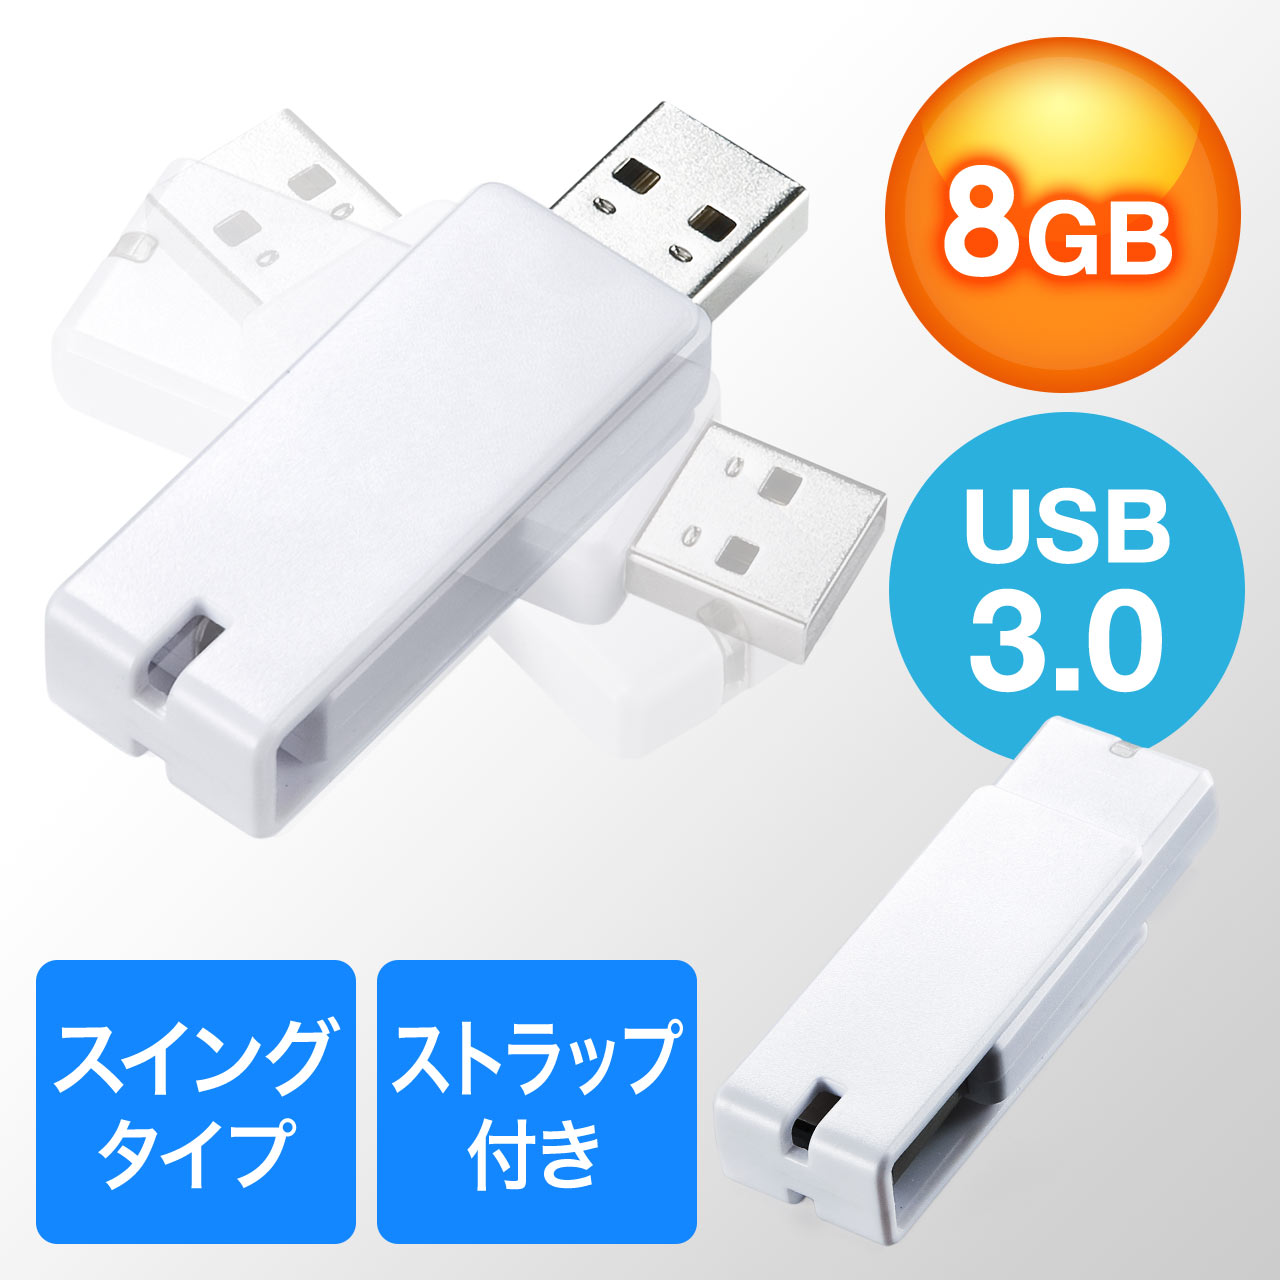 USBメモリ(USB3.0・スイング式・キャップレス・ストラップ付き・名入れ対応・8GB・ホワイト) サンワダイレクト サンワサプライ 600-3US8GW